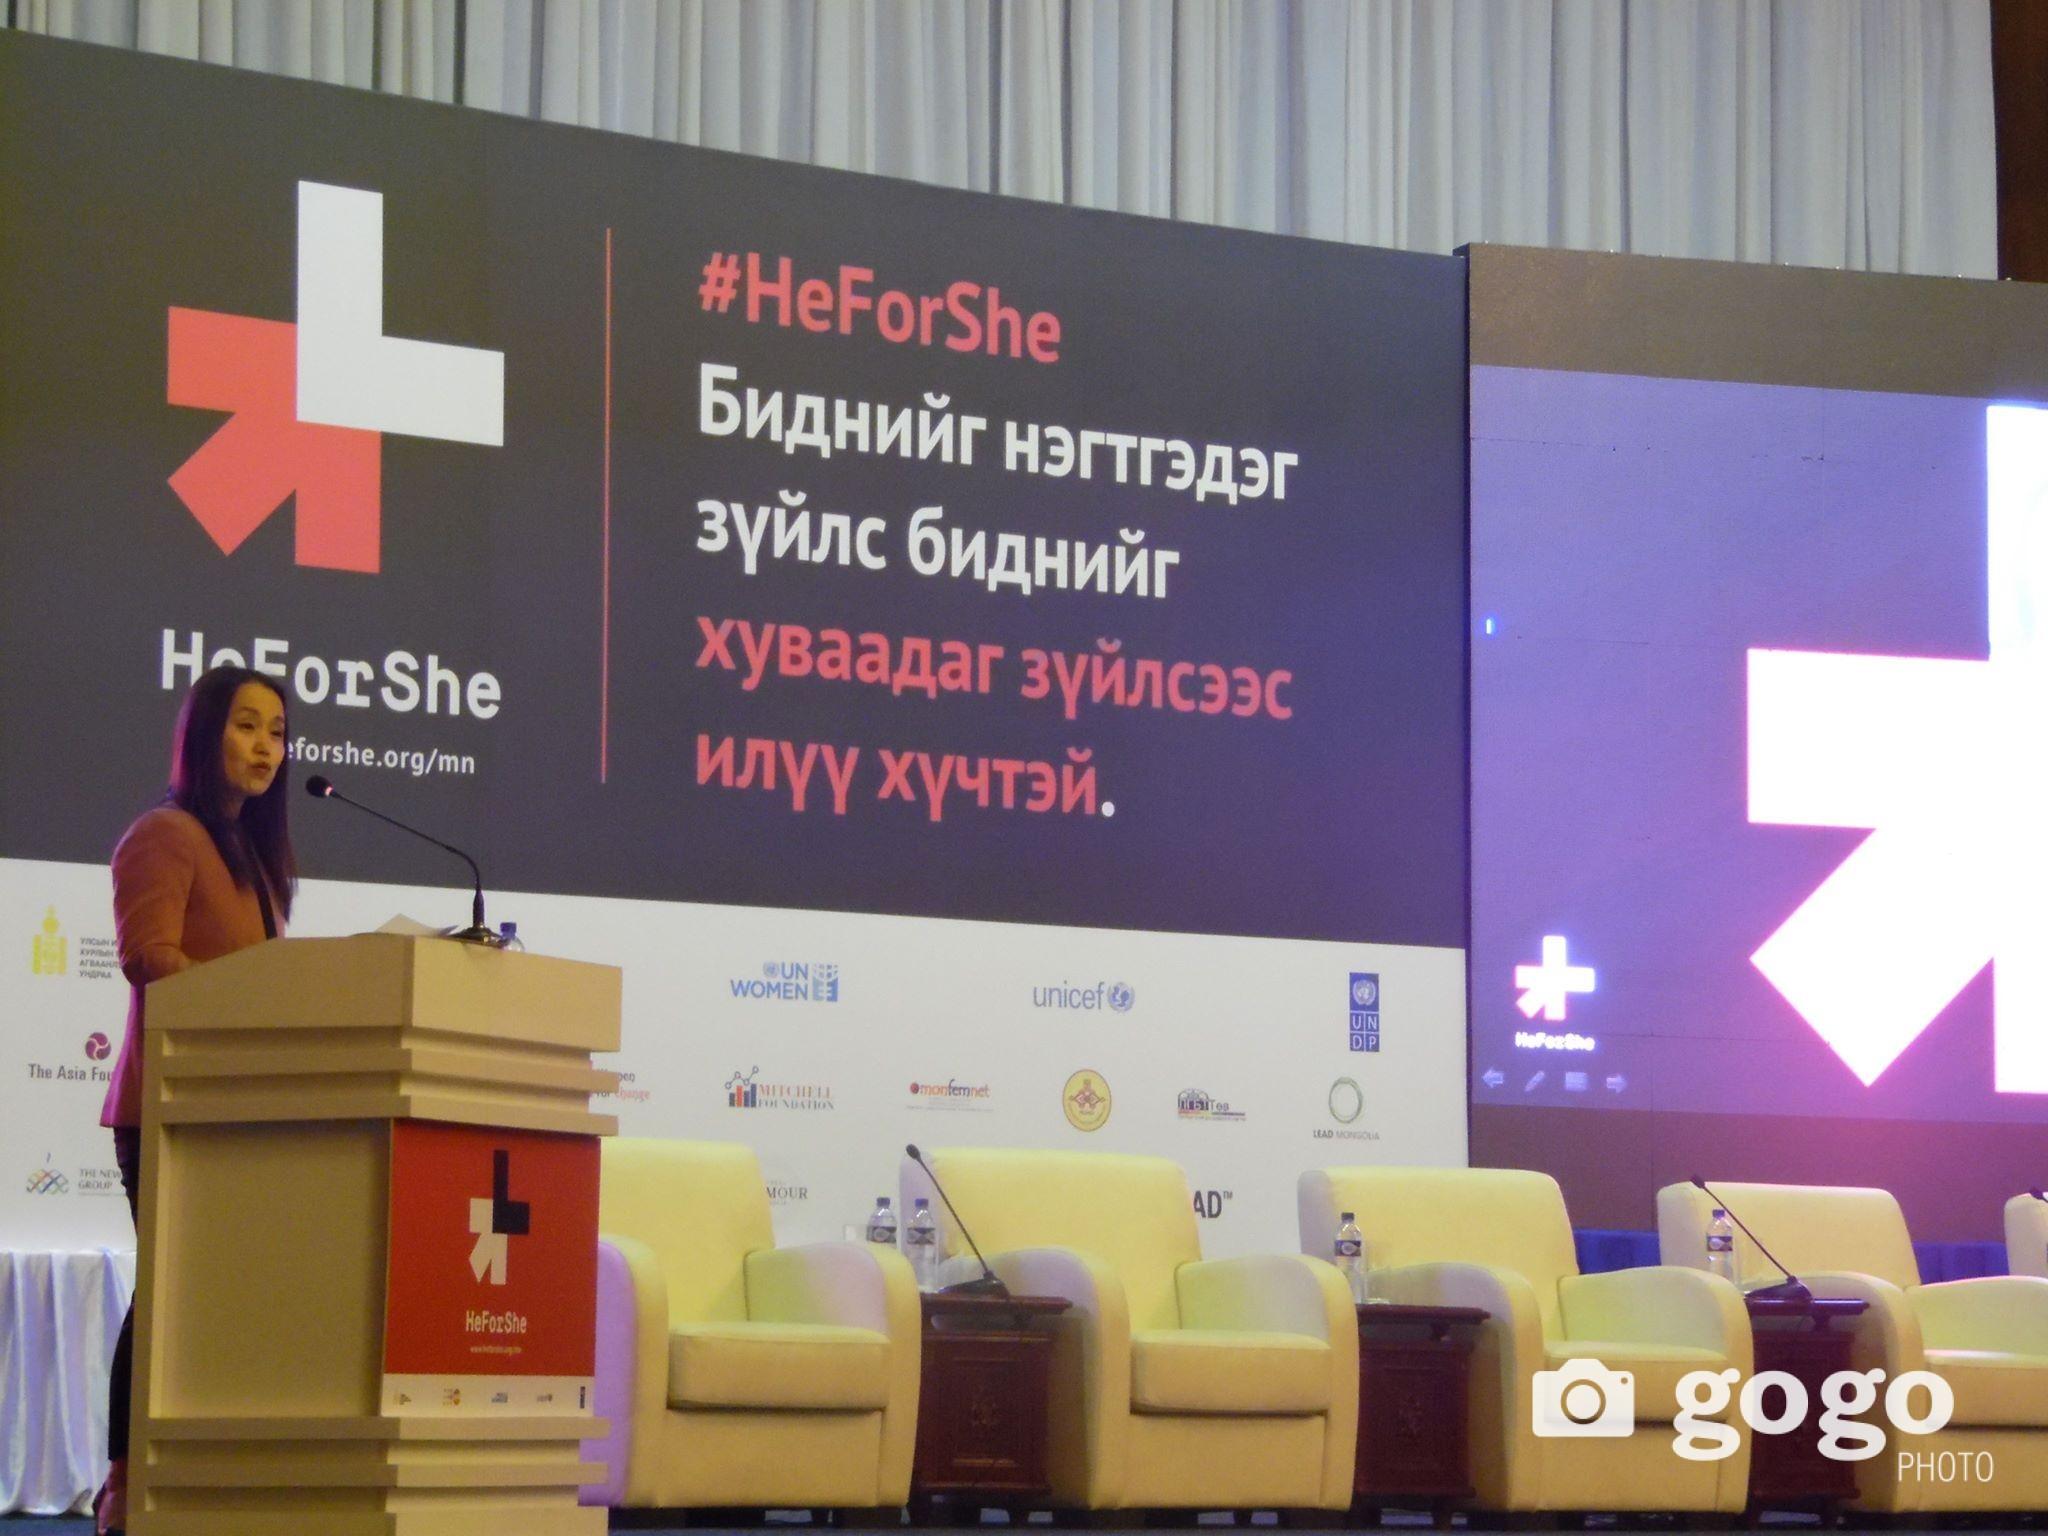 #HeForShe: Хүчирхийлэлгүй, айдасгүй нийгмийн төлөө